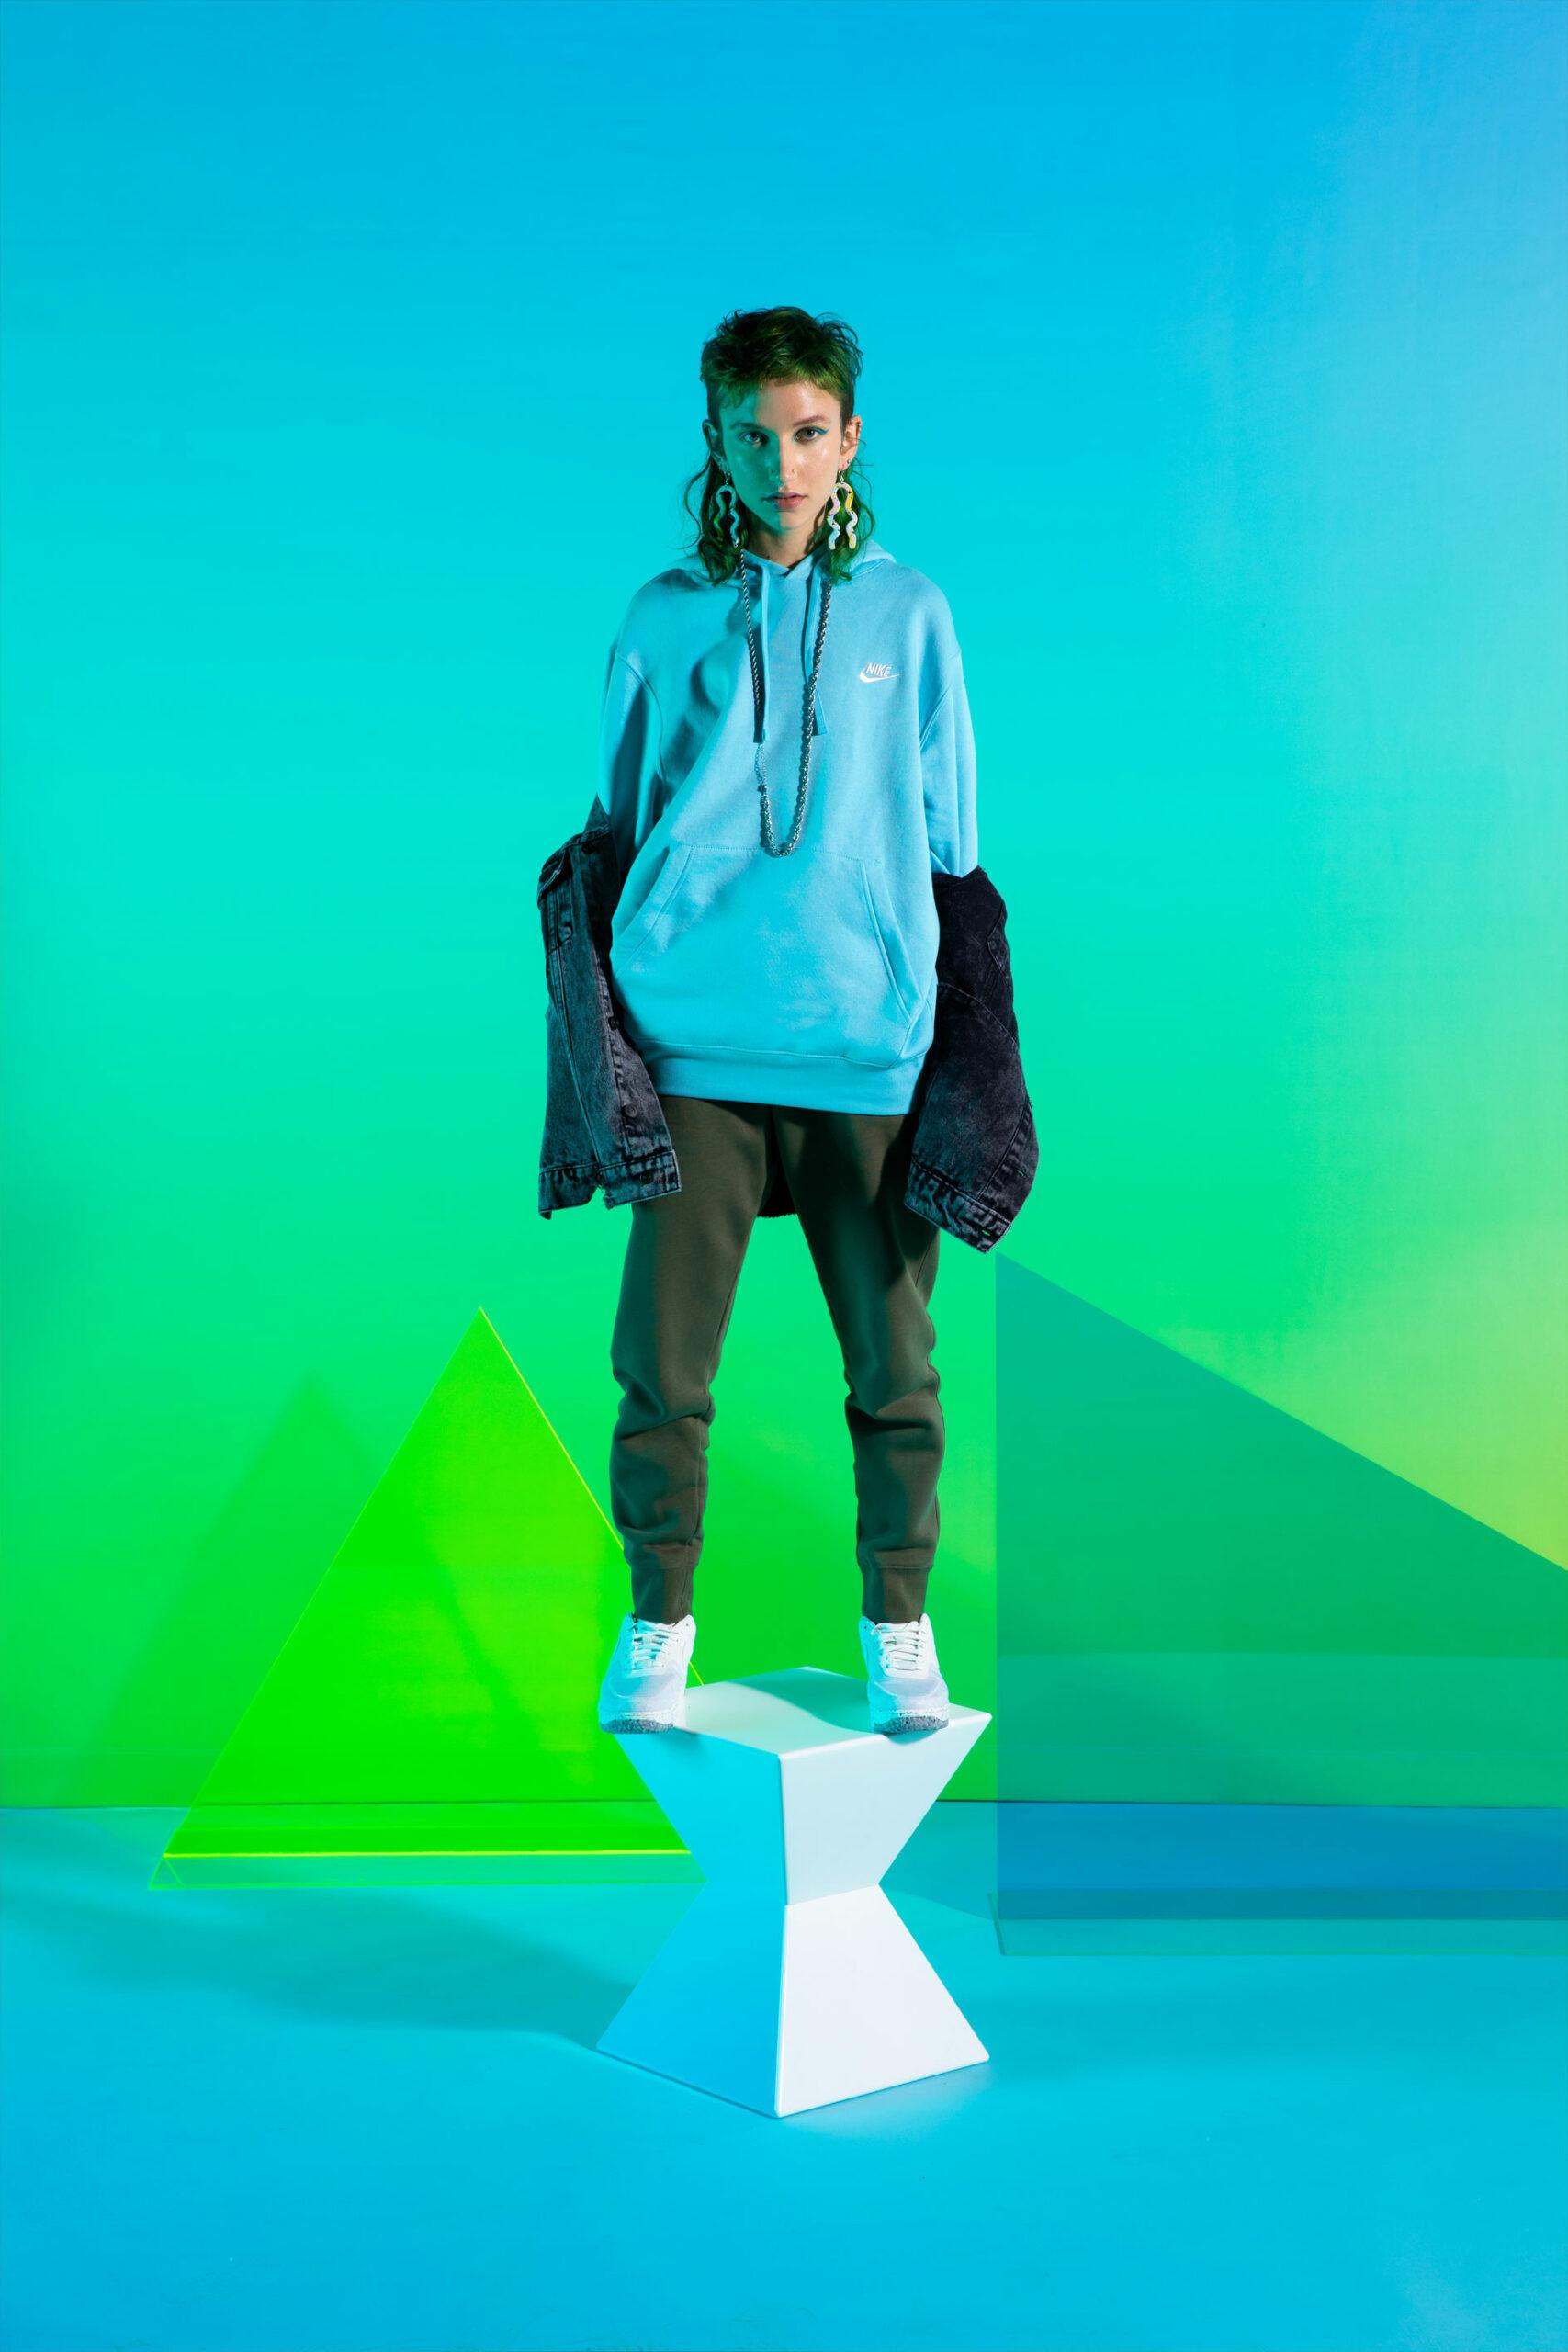 Nike_Gradient-10.27.2020-0948_2